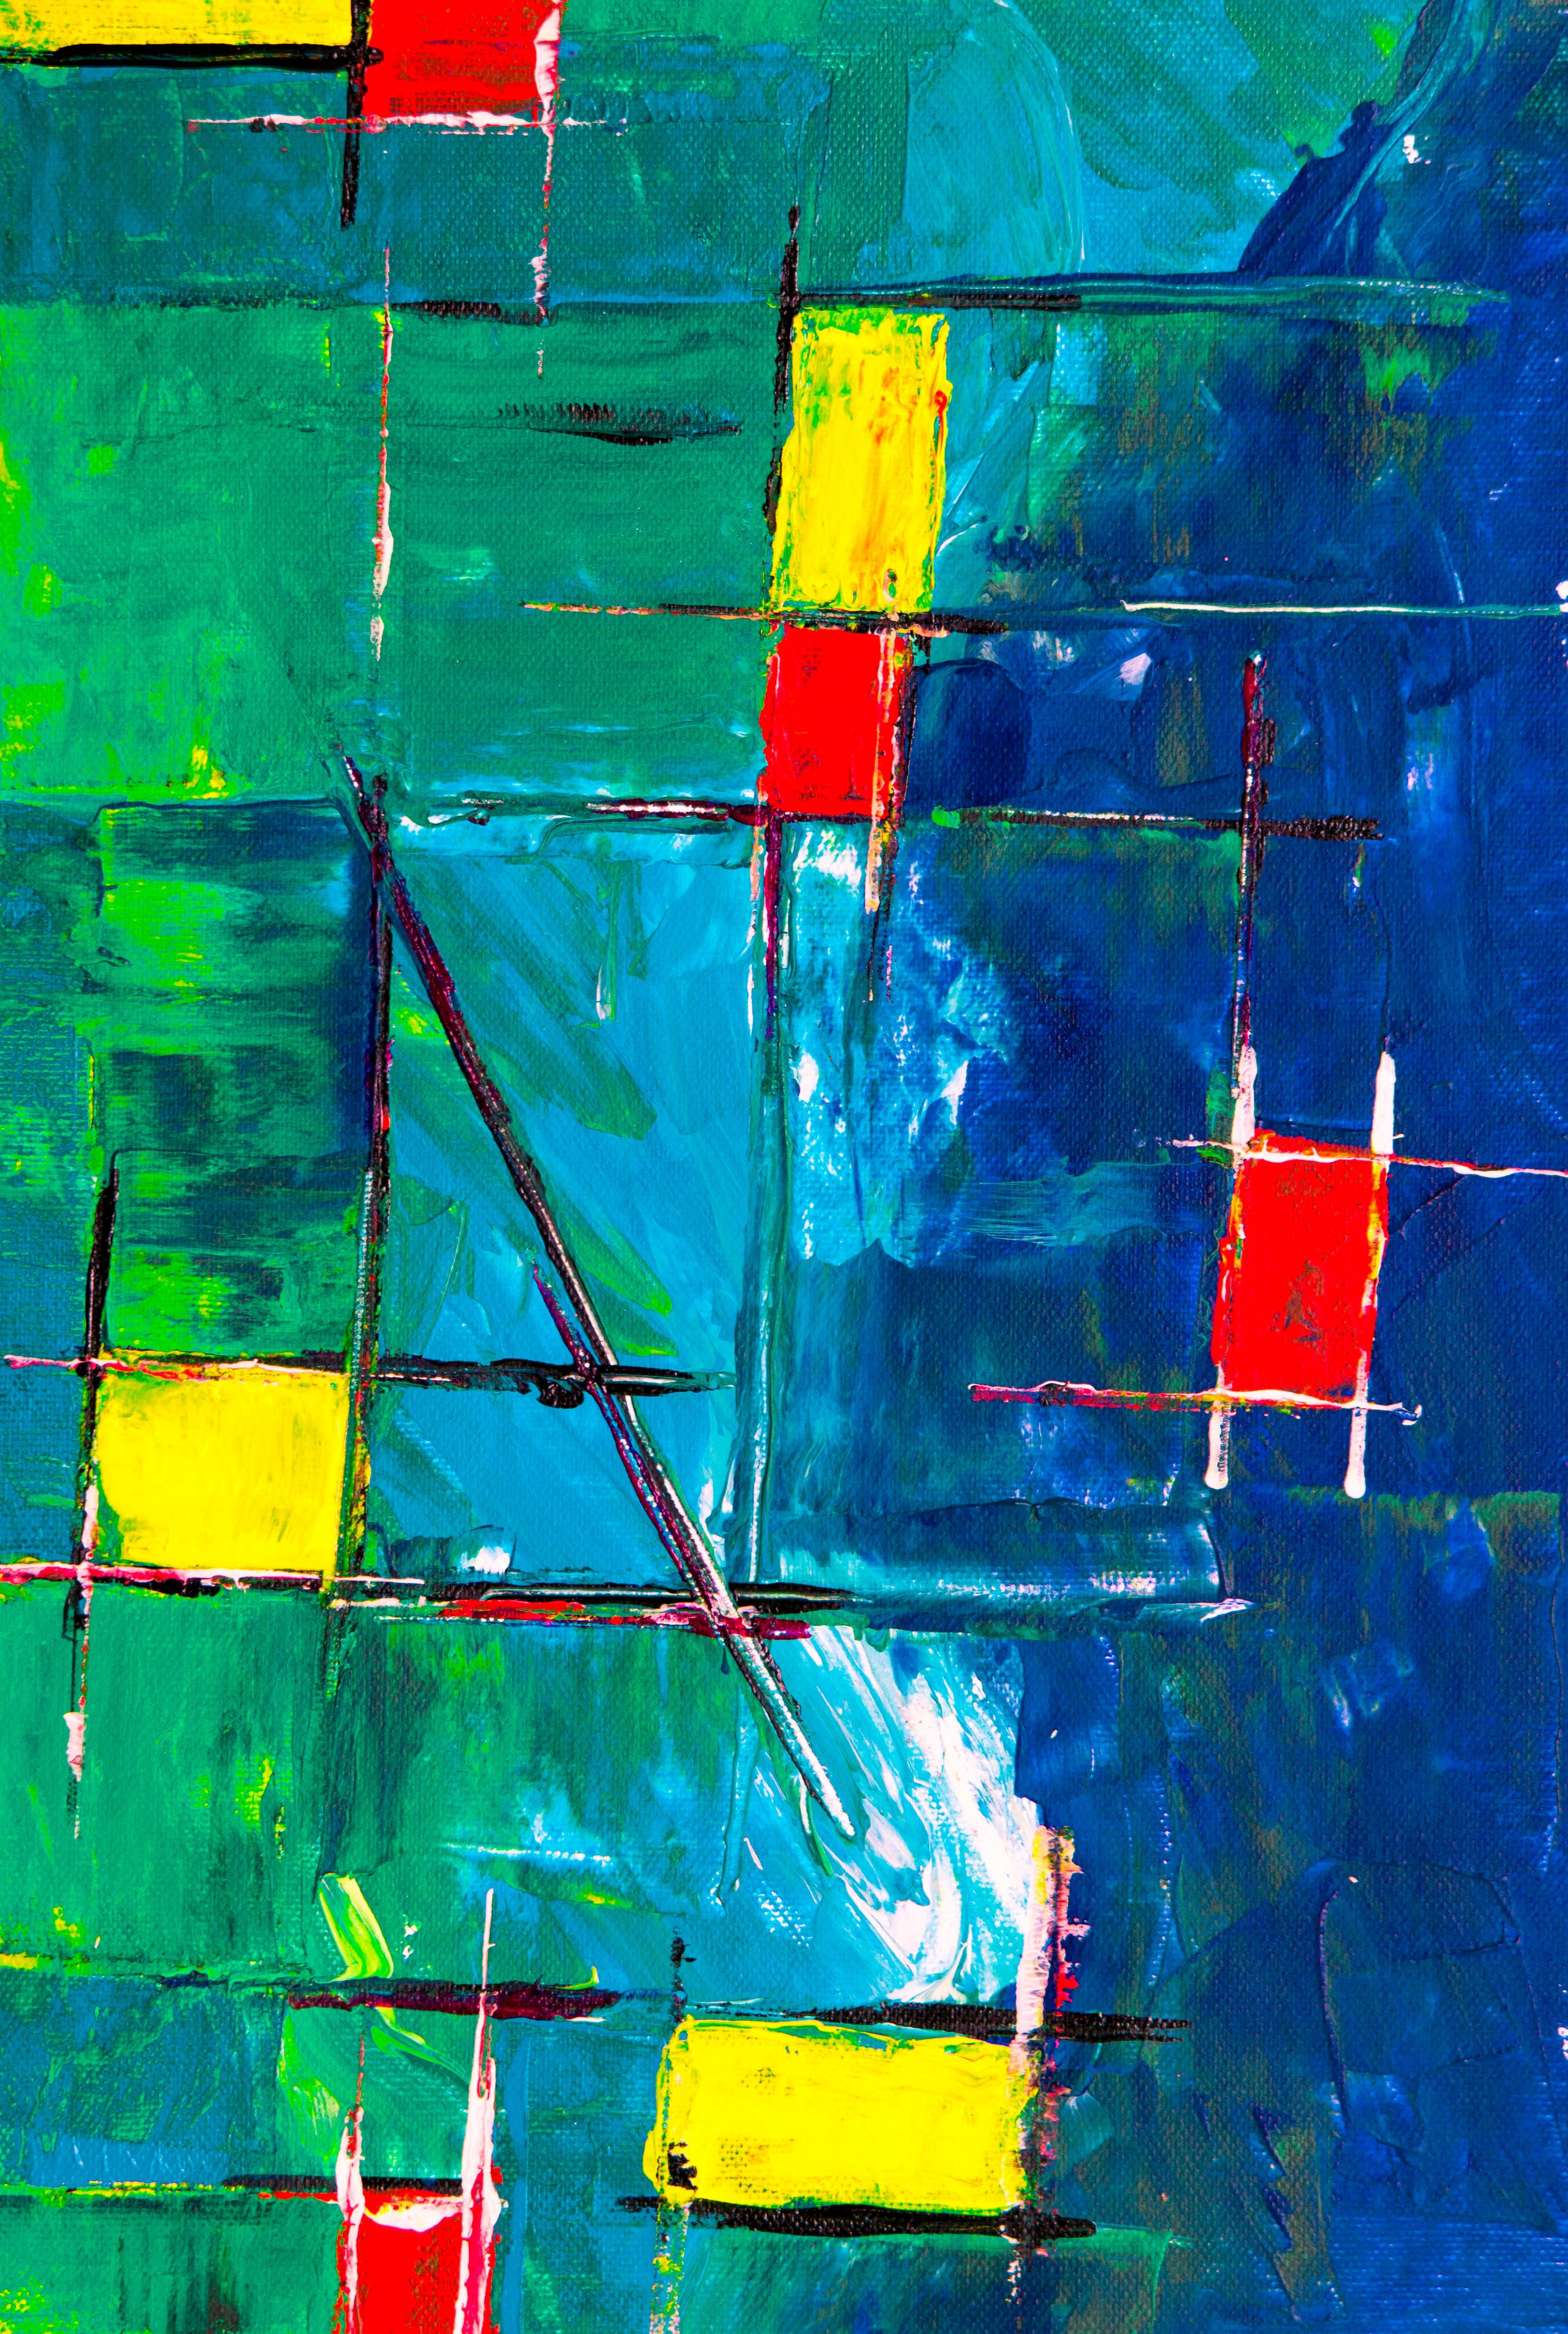 Ảnh lưu trữ miễn phí về bức họa, bức tranh trừu tượng, chủ nghĩa biểu hiện, nghệ thuật